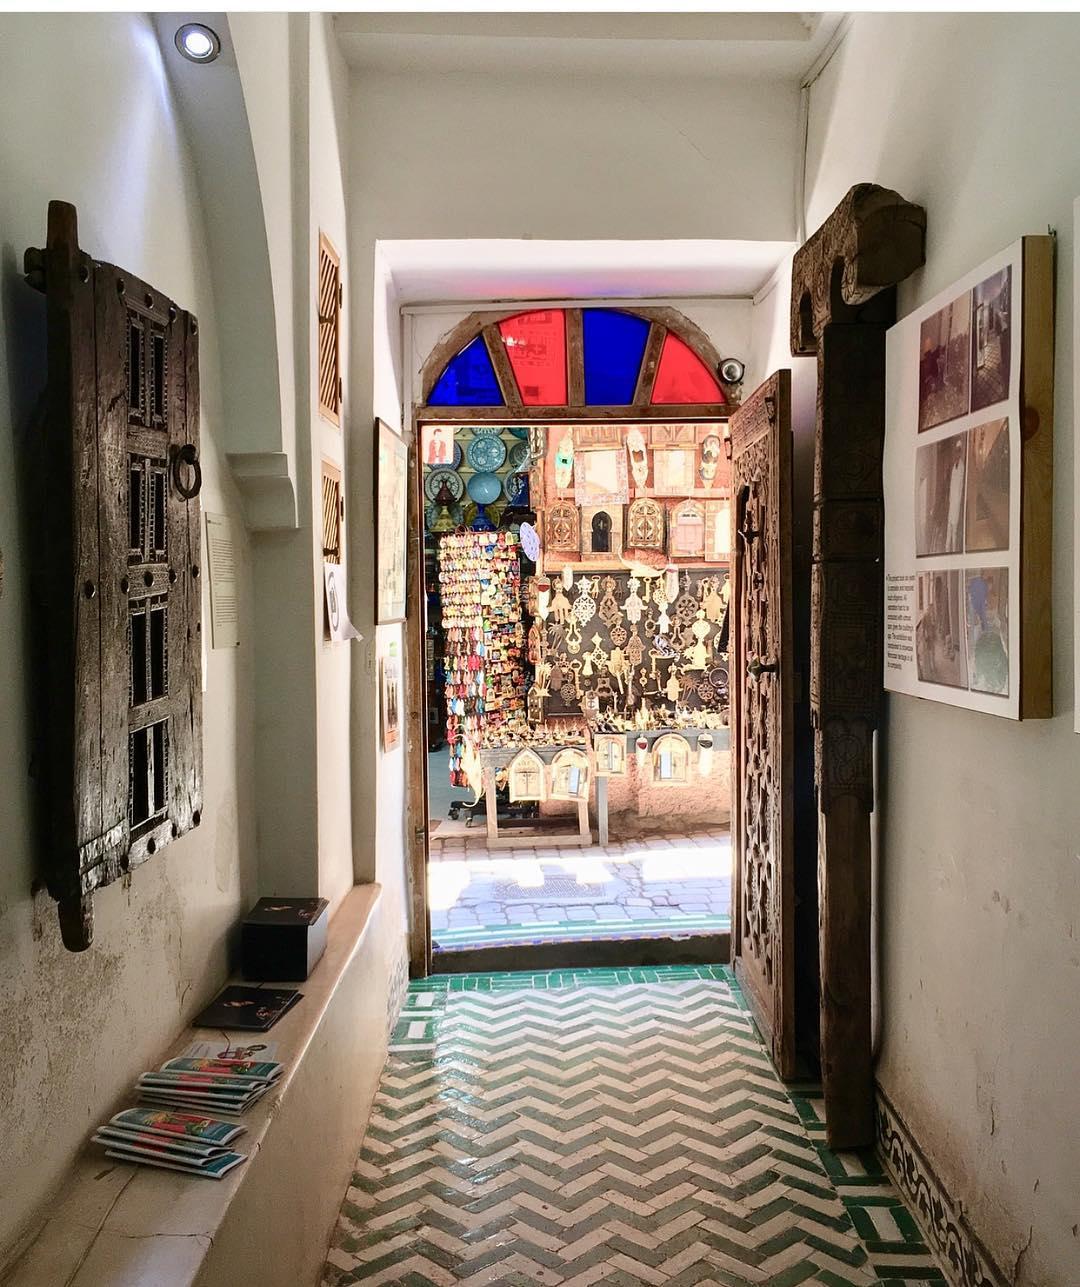 מוזיאון המורשת מרקש מרוקו